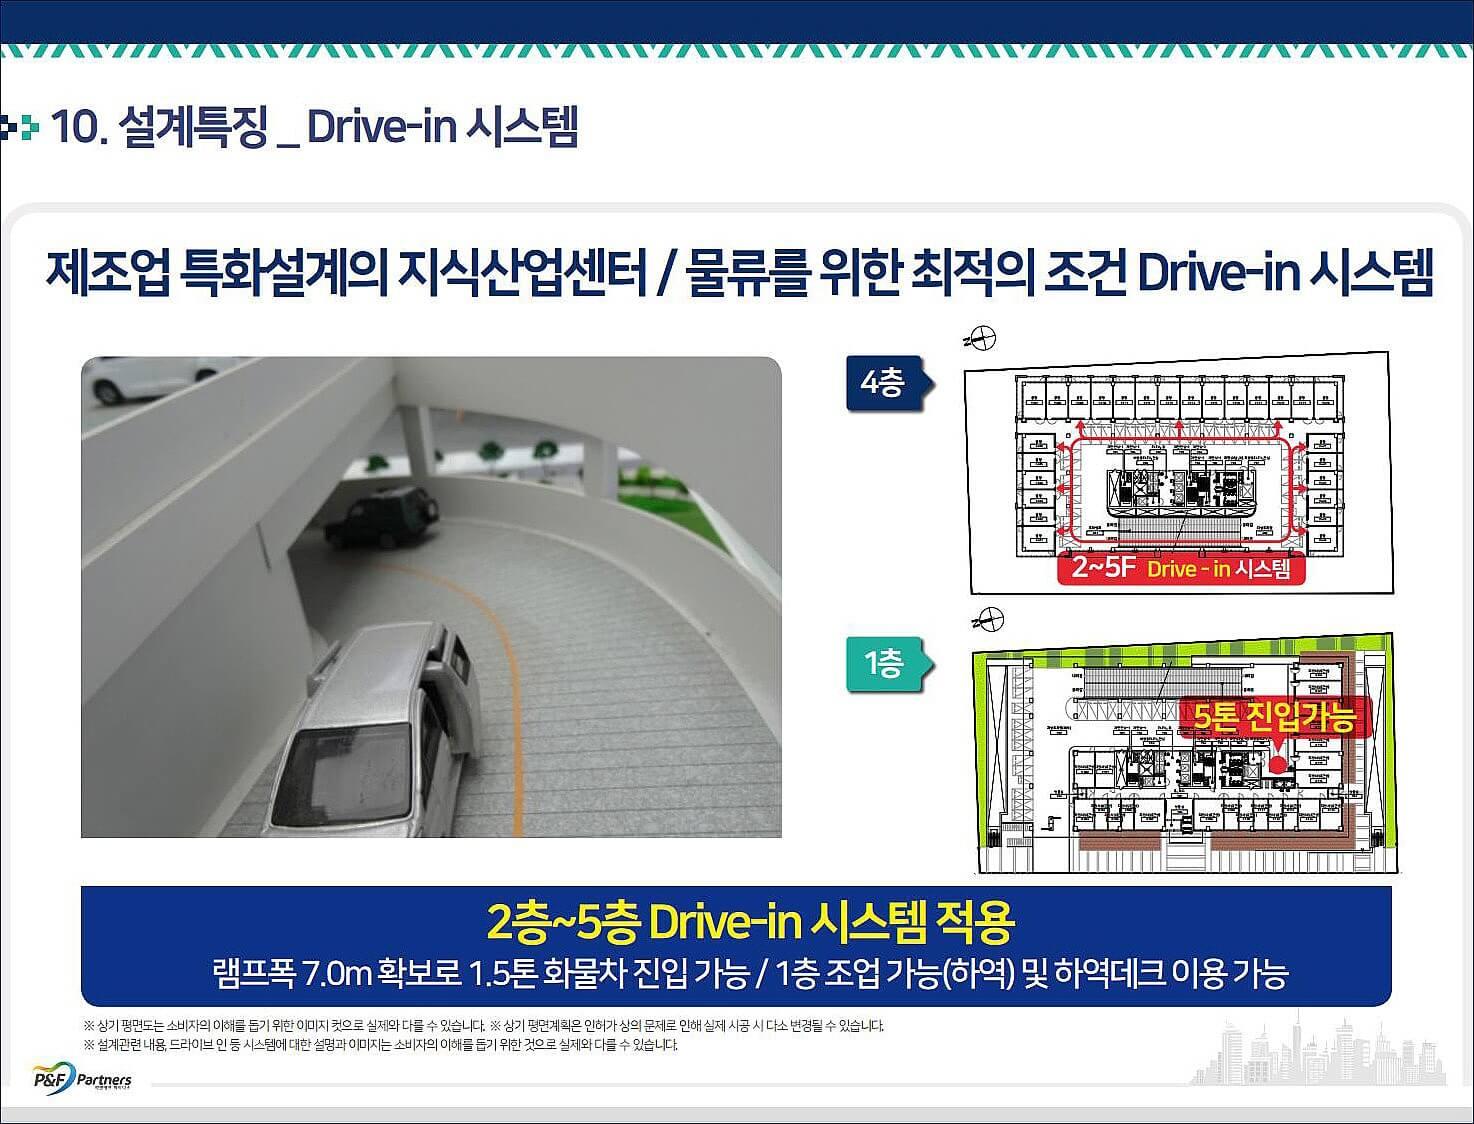 원흥 지식산업센터_특화설계1